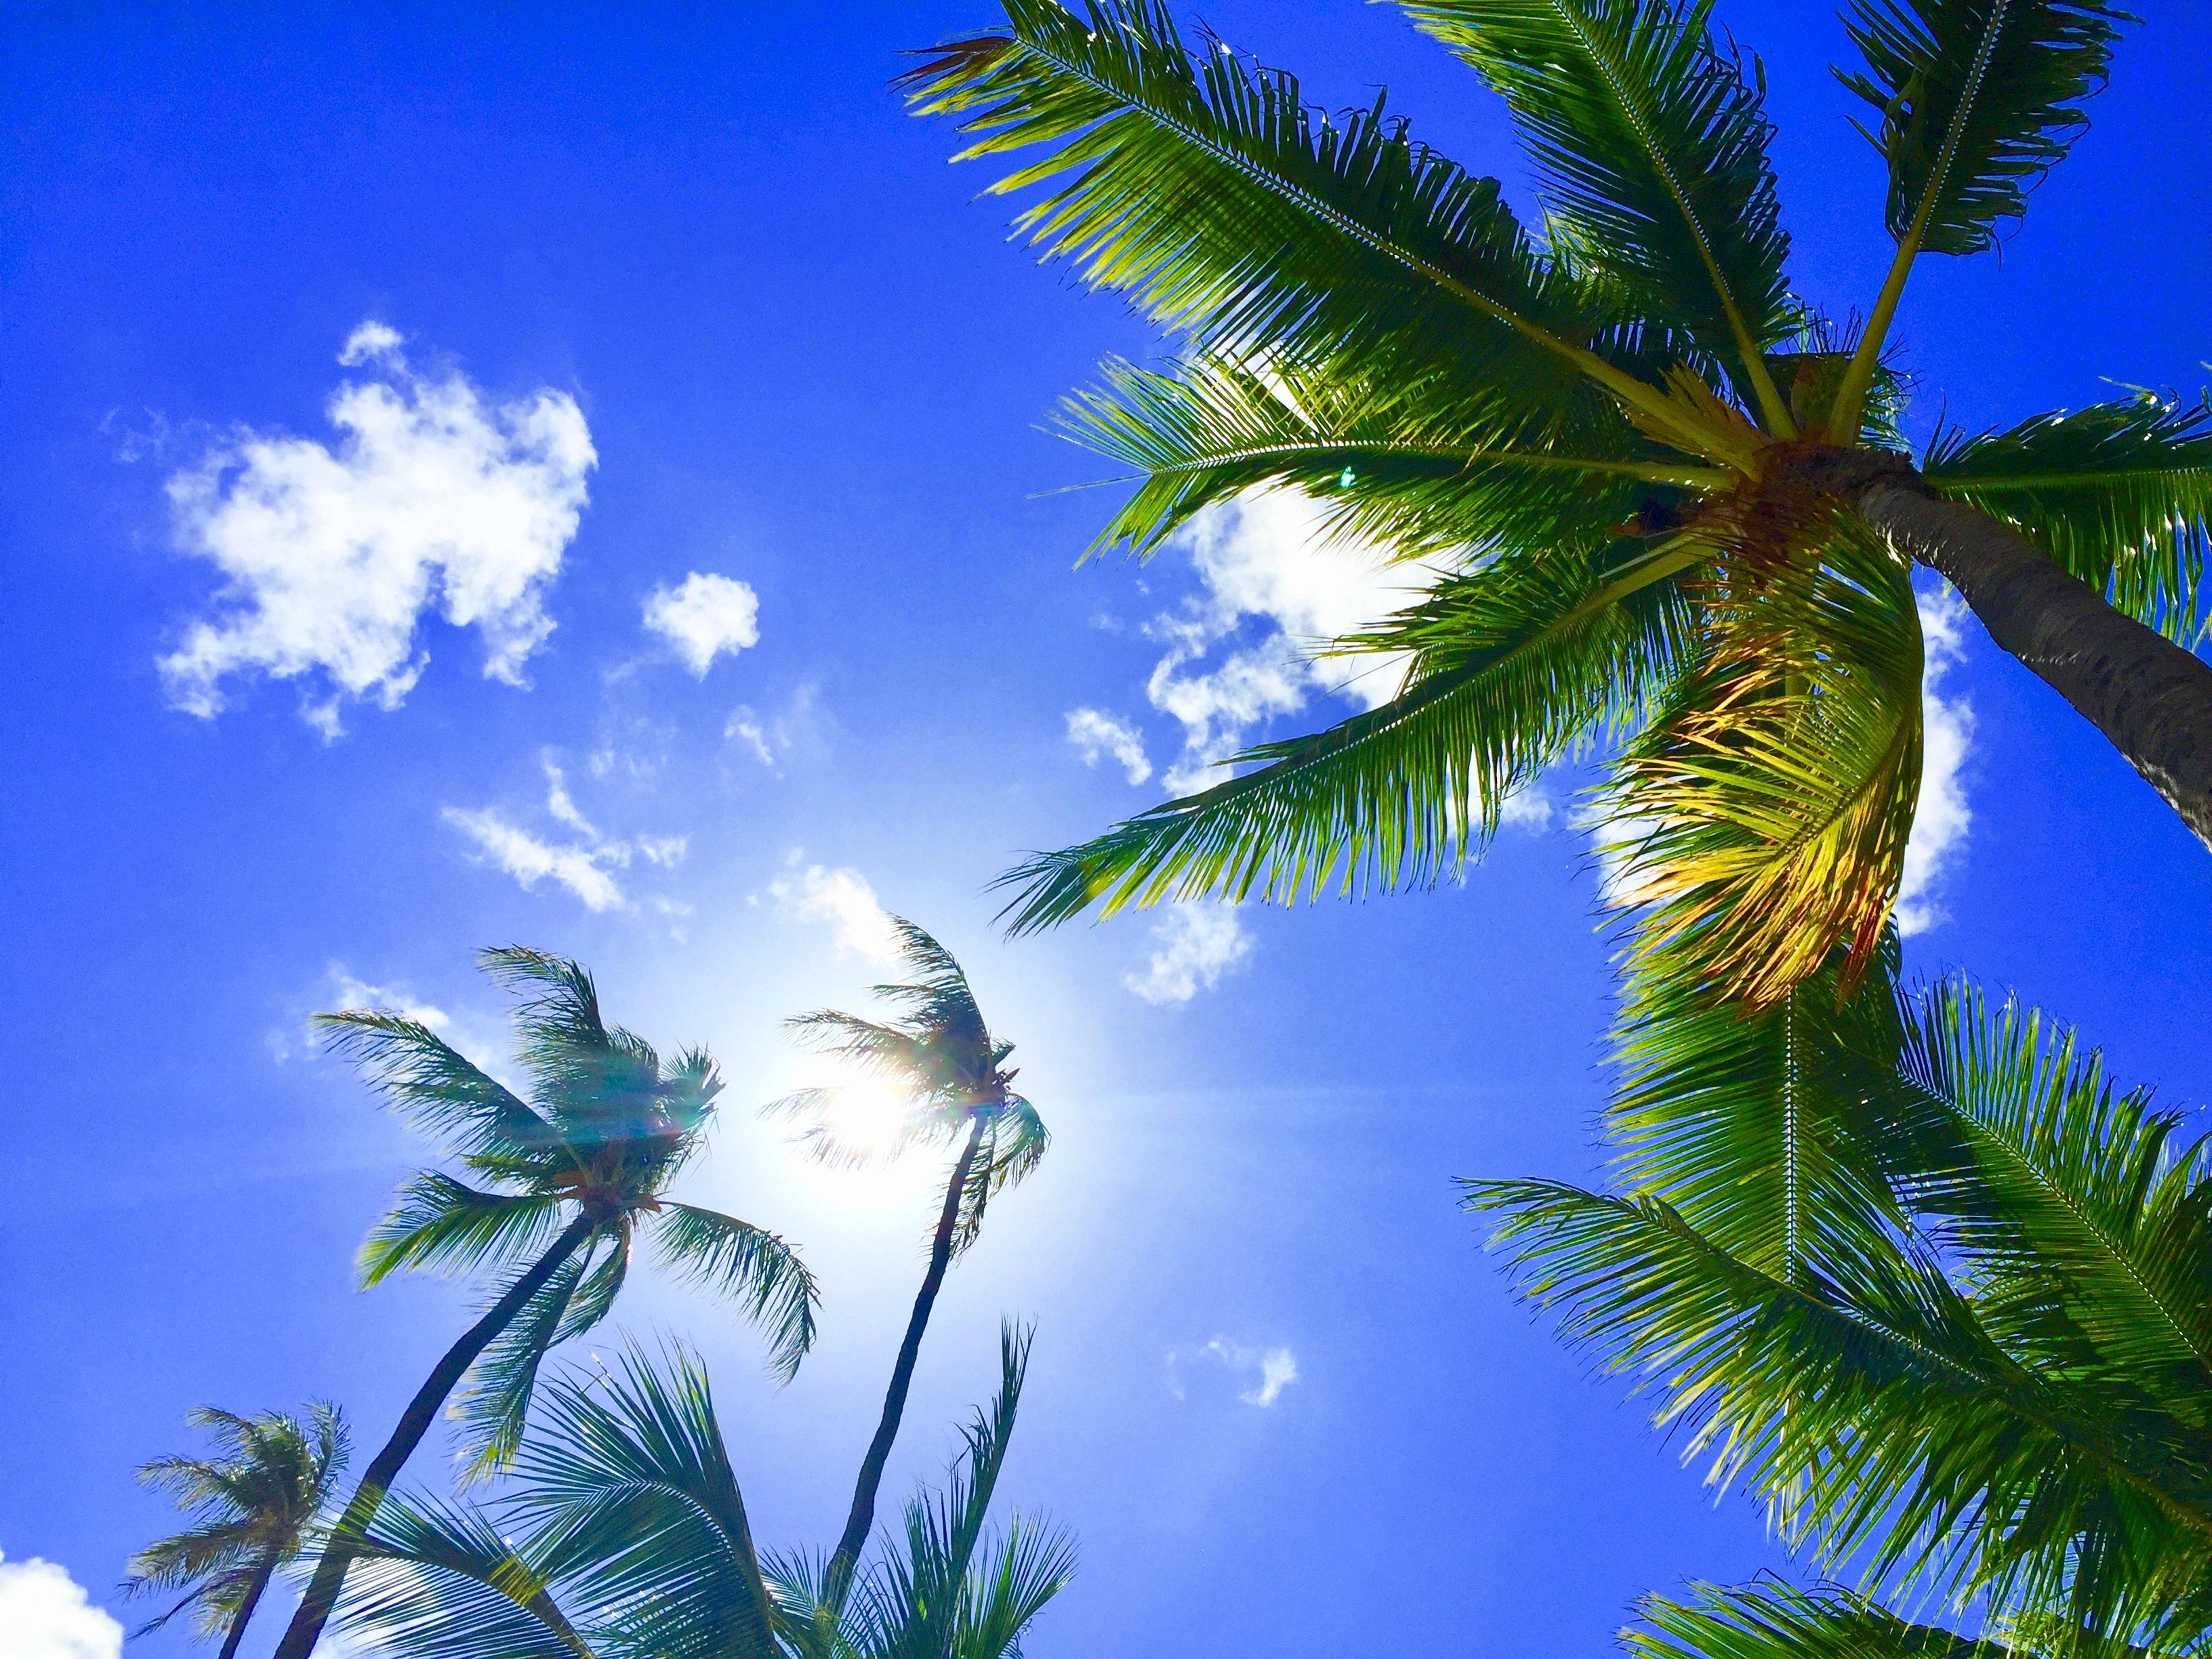 154267 économiseurs d'écran et fonds d'écran Nature sur votre téléphone. Téléchargez Nature, Sky, Palms, Tropiques, Hawaii, Hawaï, Aloha images gratuitement